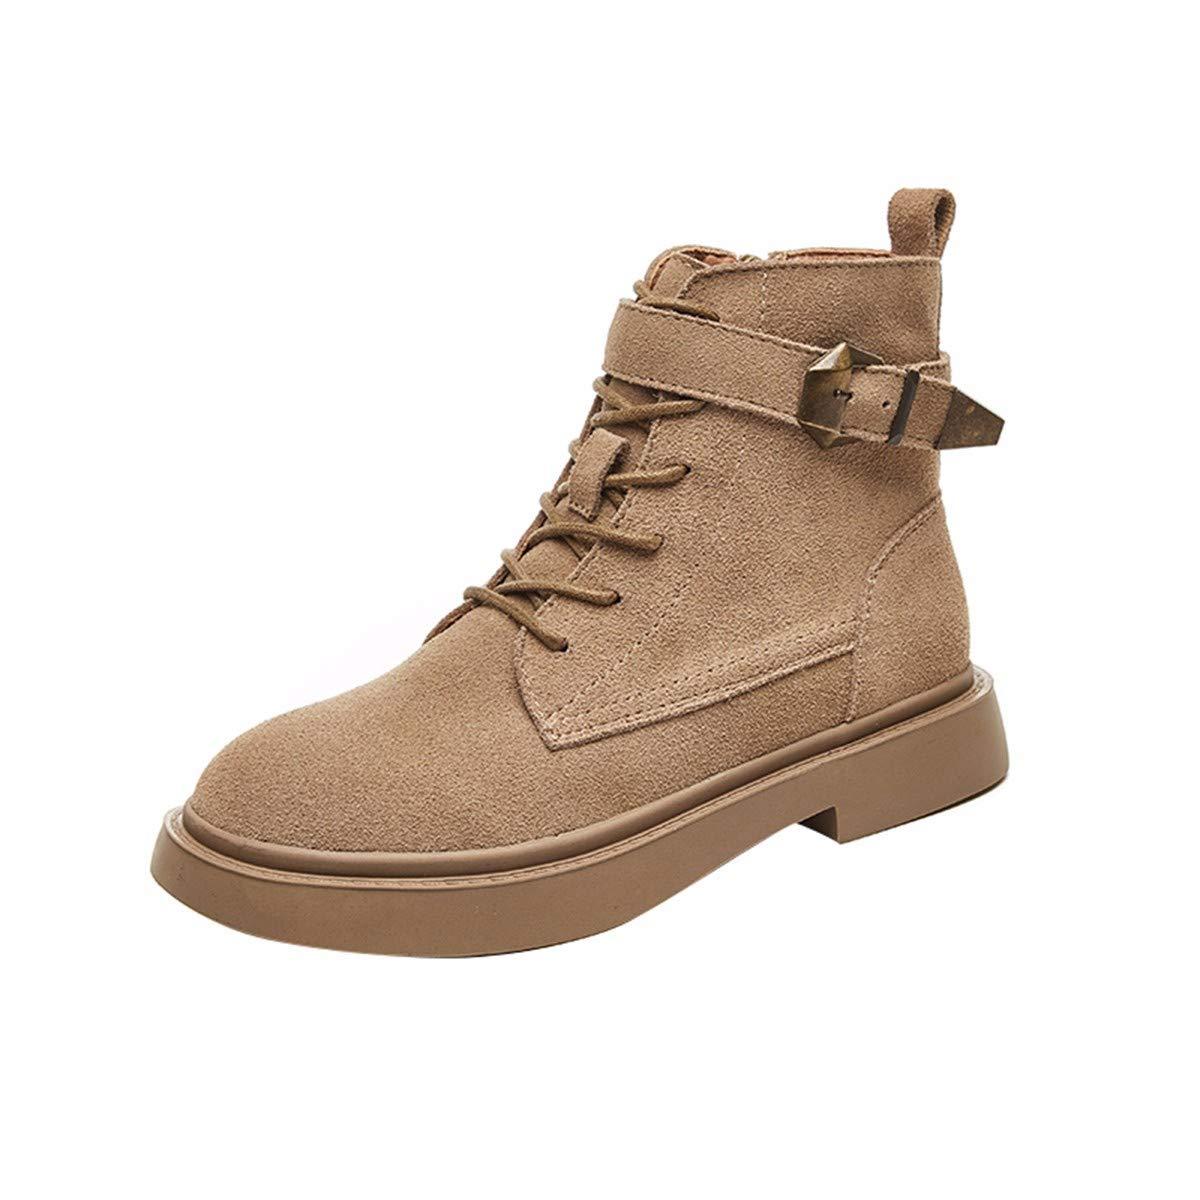 KPHY Damenschuhe Leder Britische Wind Hohe Hohe Hohe Martin Sommer Schuhe Stiefel Chelsea Stiefel Studenten-Stiefel.35 Schwarz a68adb